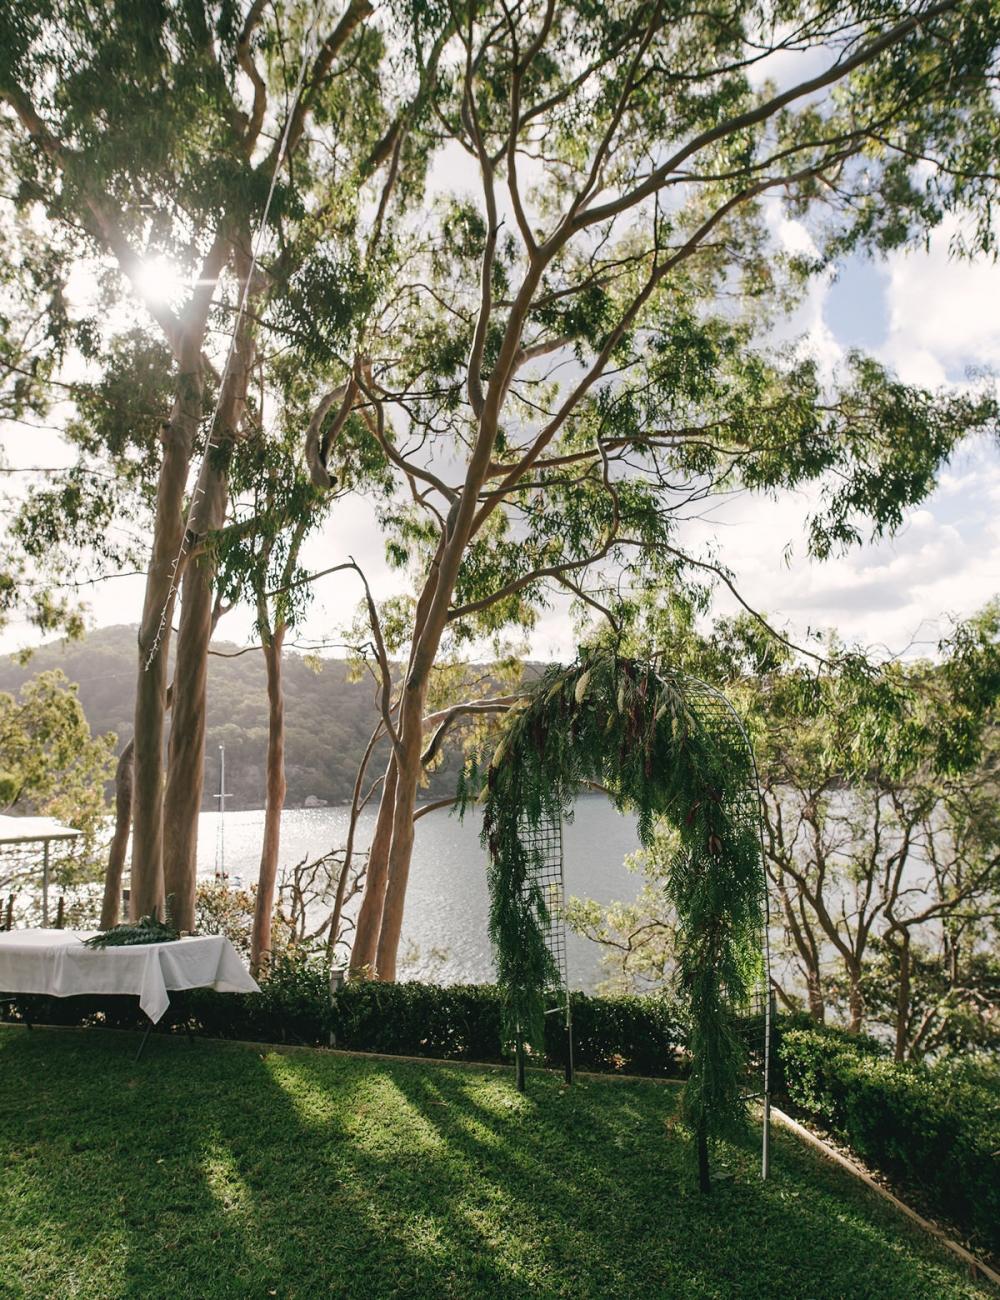 124218 low key sydney wedding at kuring gai motor yacht club by kevin lue